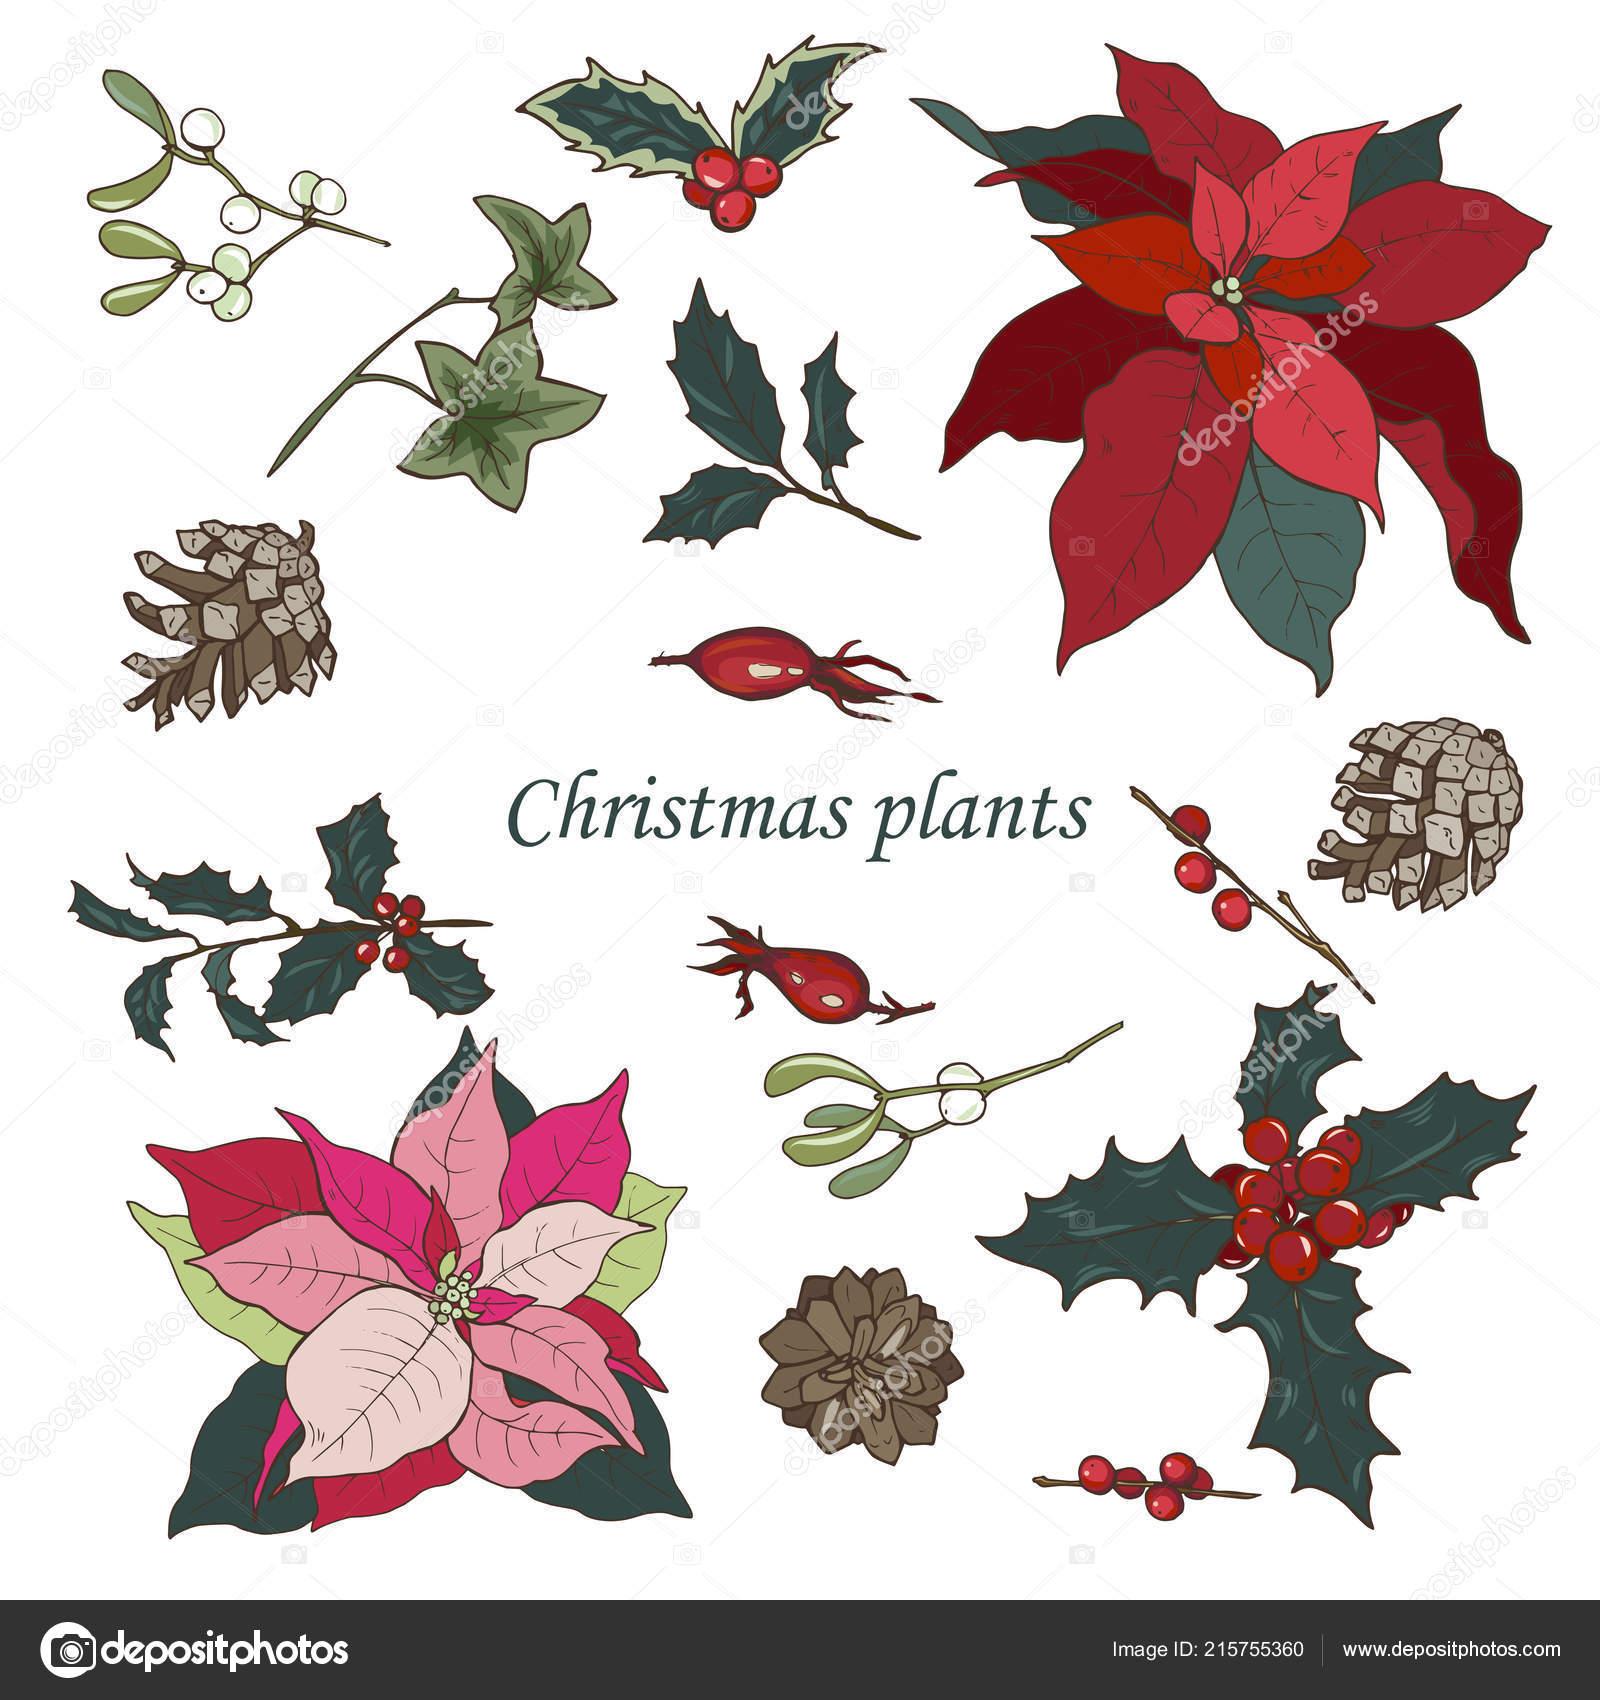 Pianta Stella Di Natale Prezzo.Piante Natale Impostate Sfondo Bianco Stella Natale Agrifoglio Coni